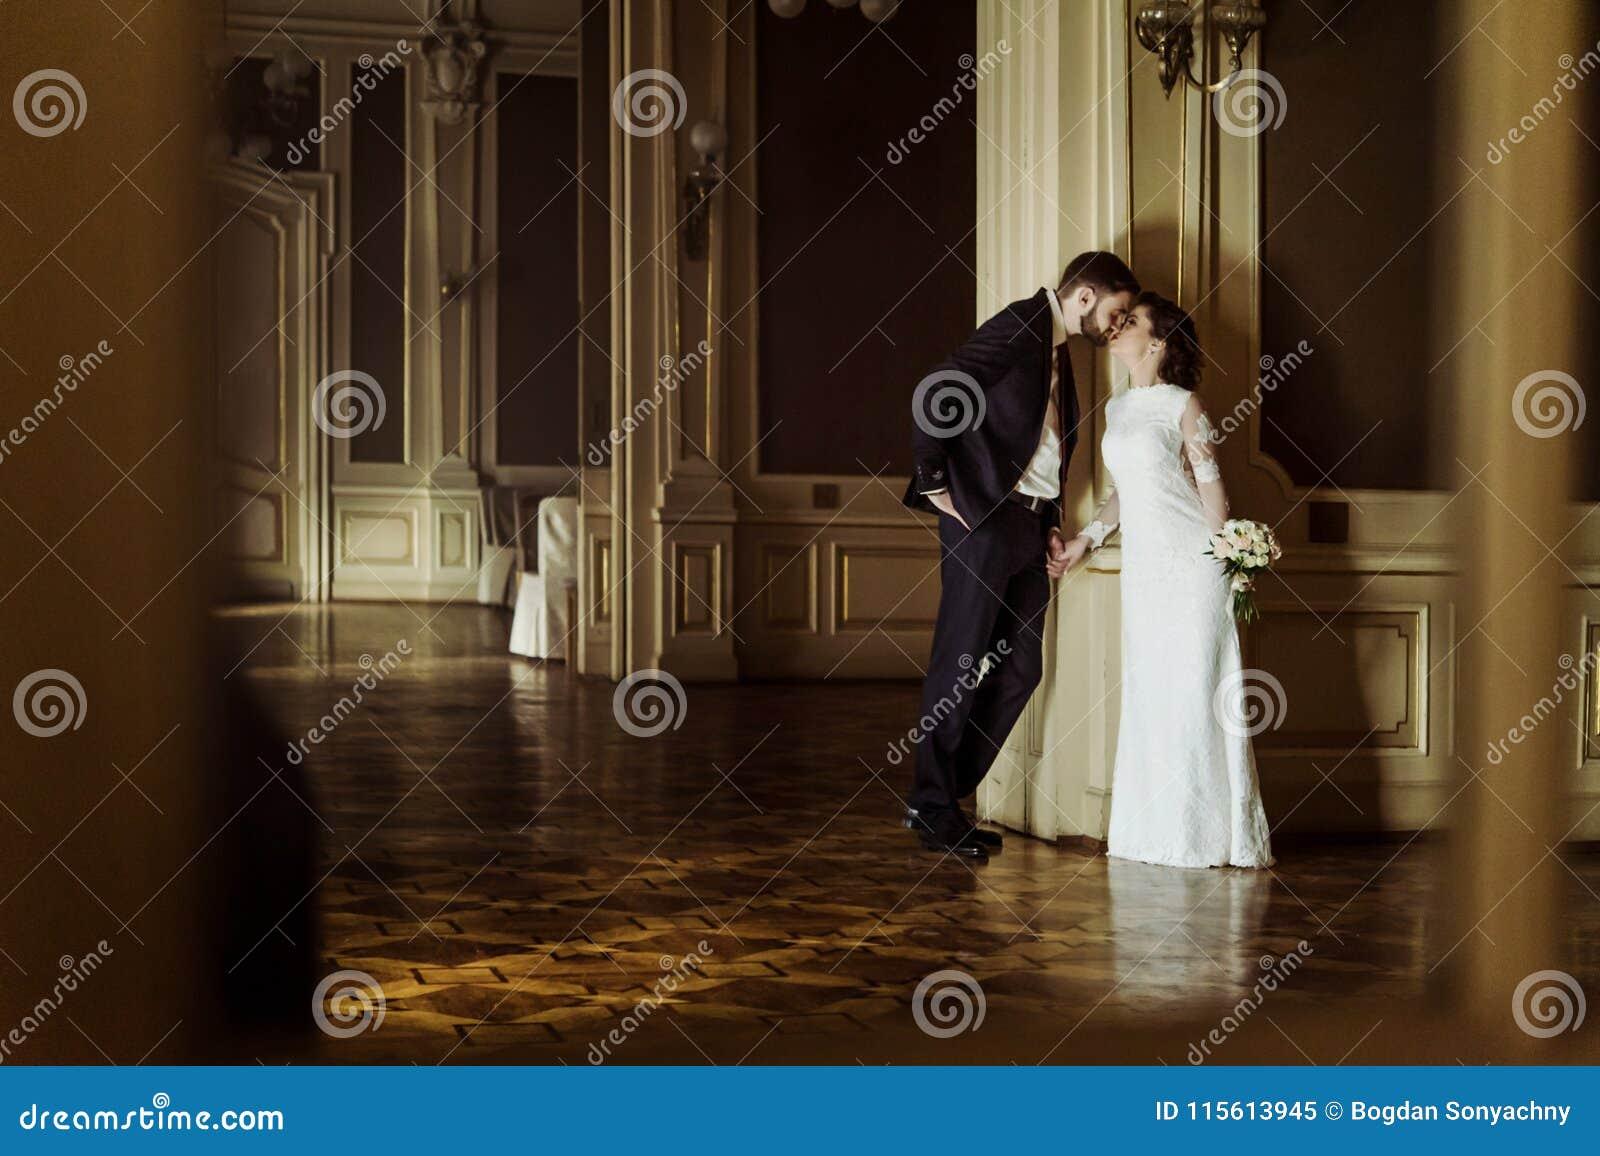 Stilfull lyxig brud och stilig elegant brudgum som kysser på bet